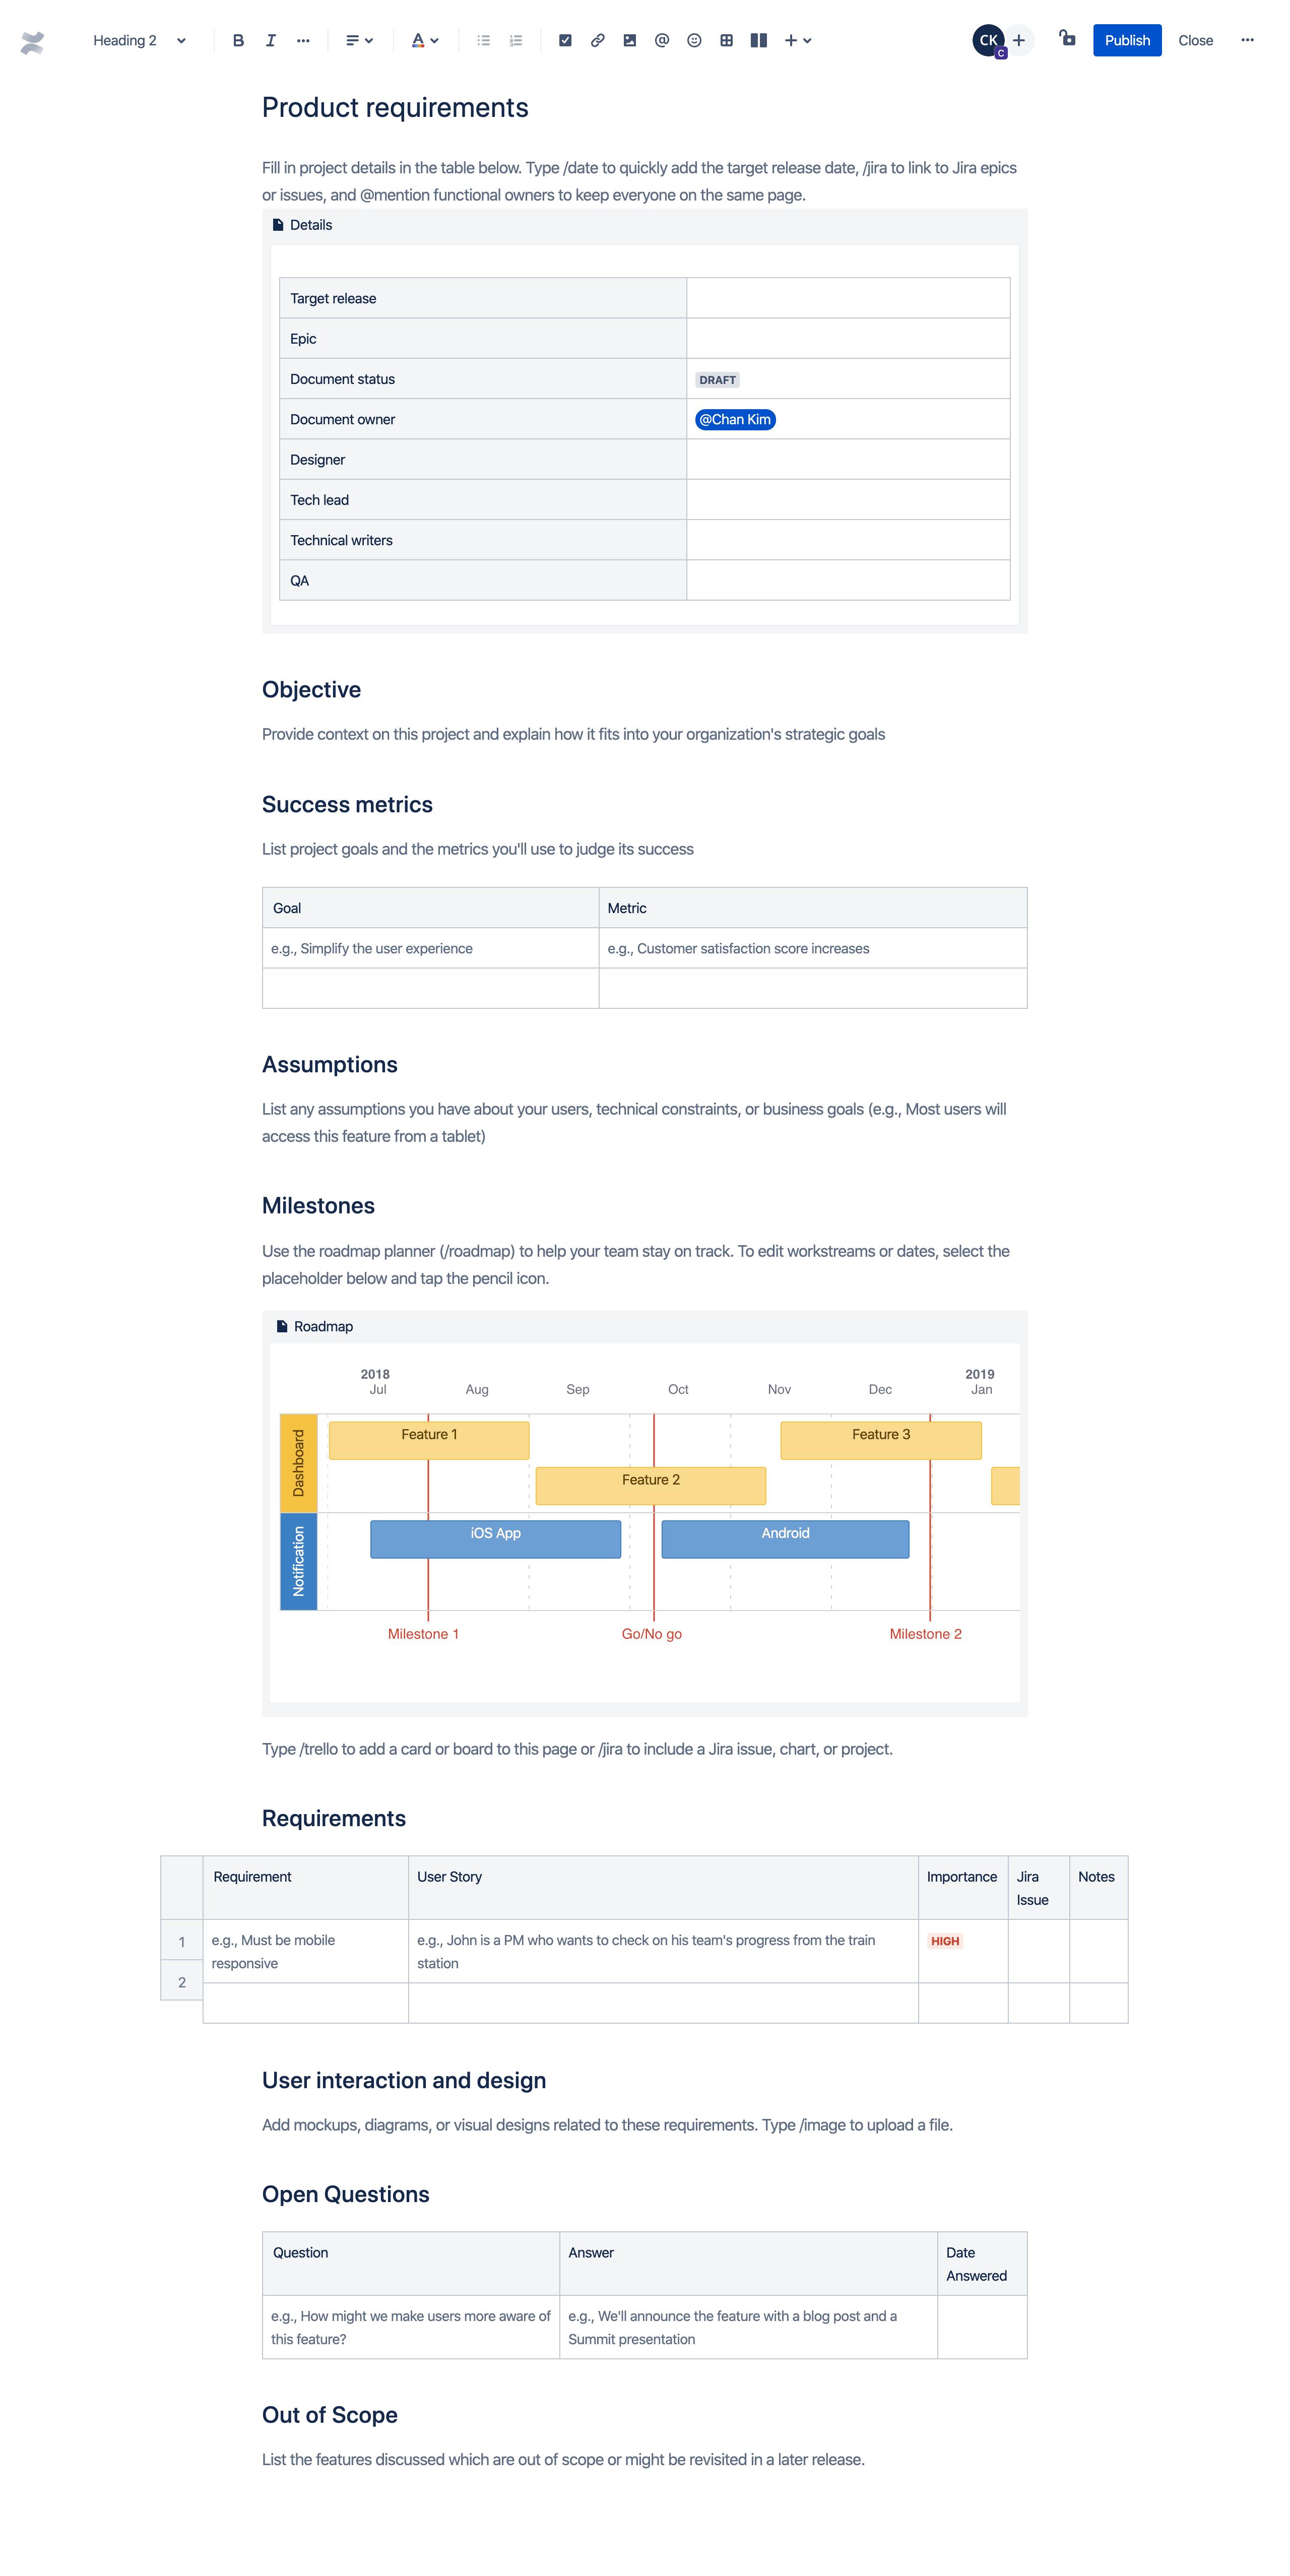 Template de requisitos do produto